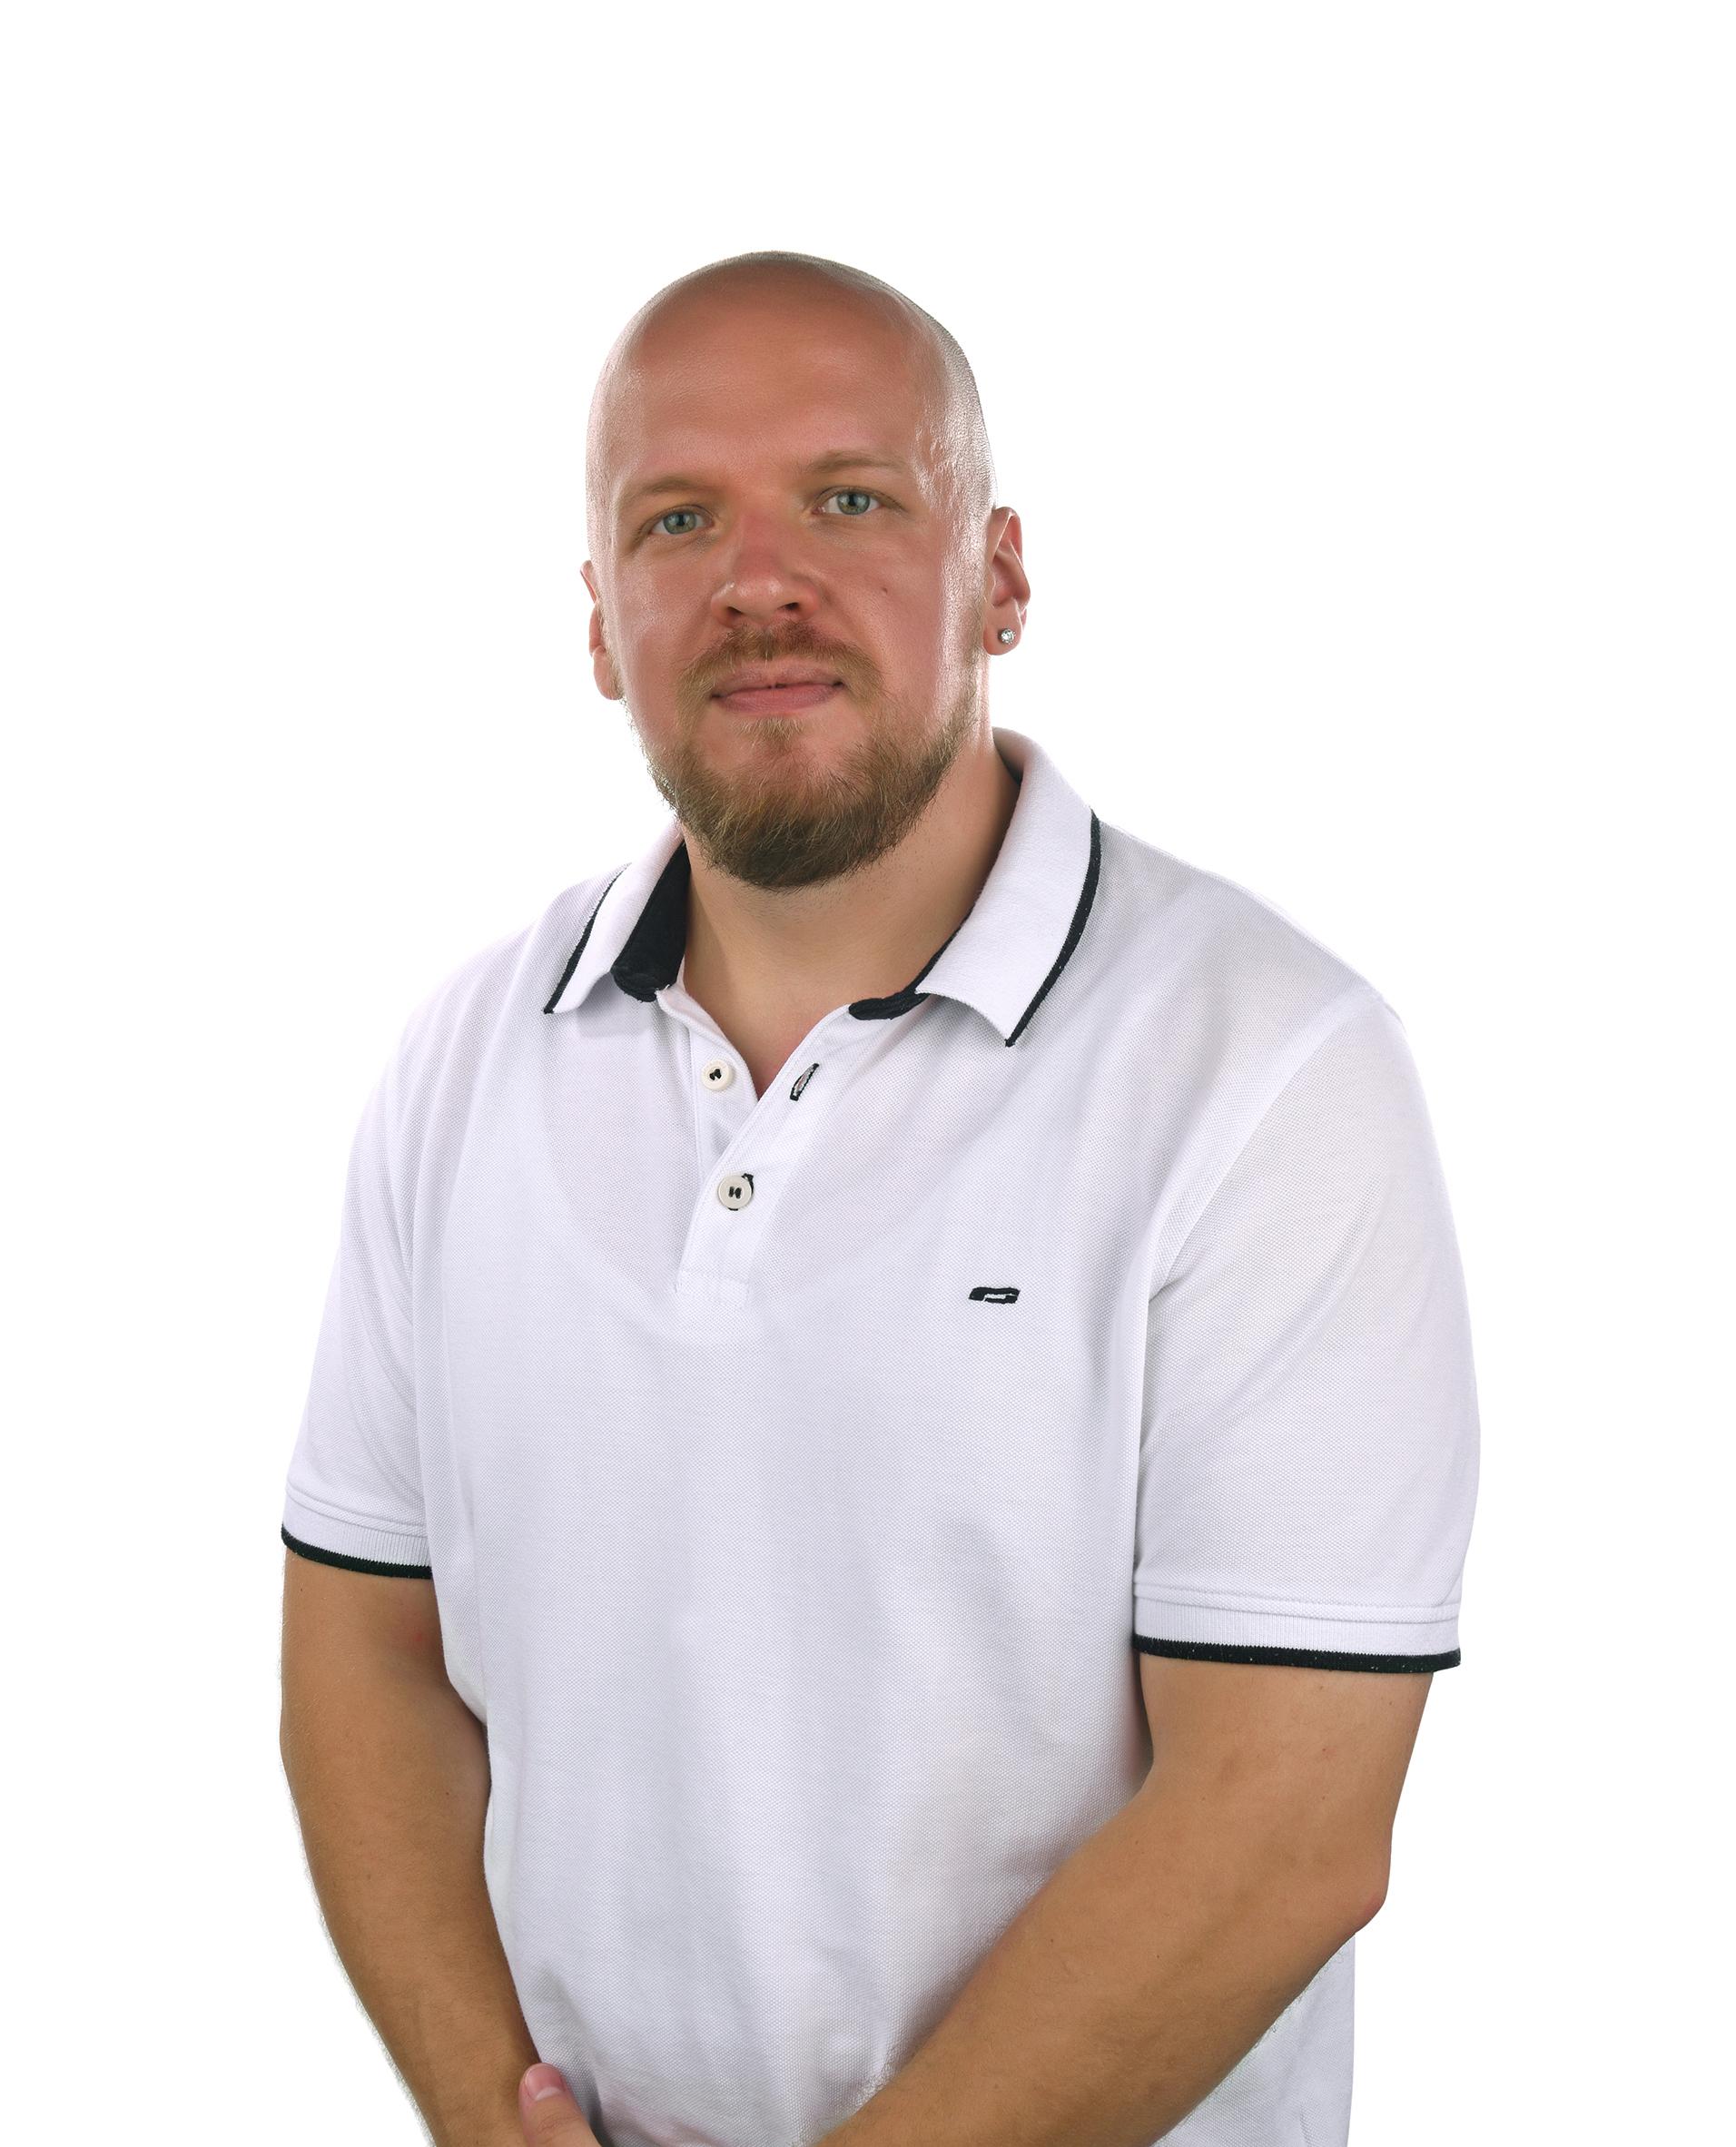 Benjamin Simmendinger